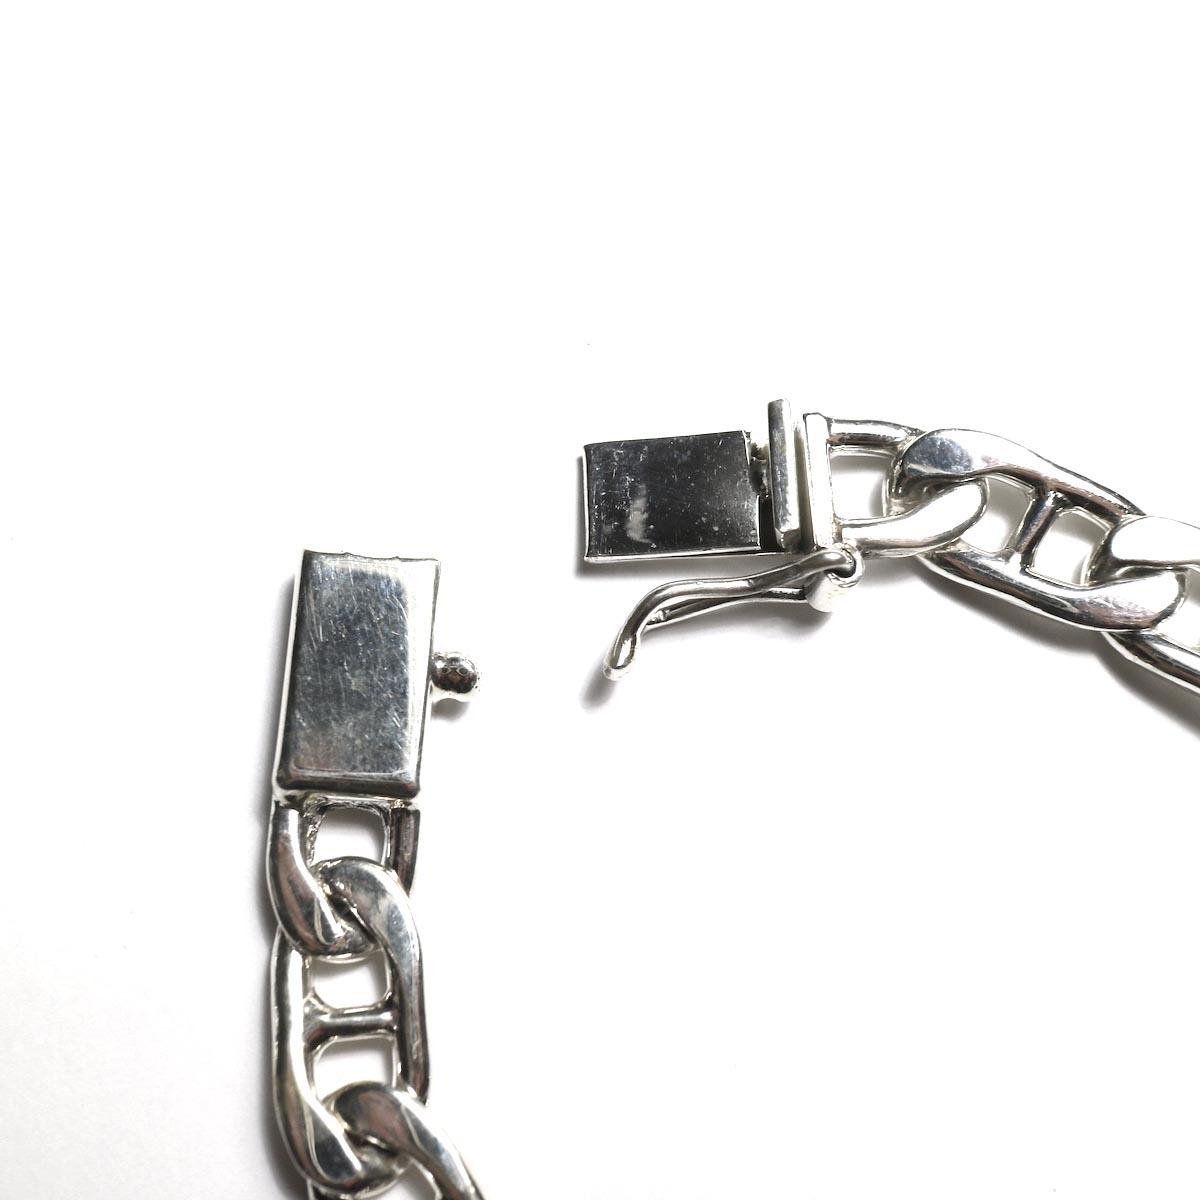 FIFTH SILVER / silver-1490-1 Silver Chain Bracelet (8mm) 着脱部分